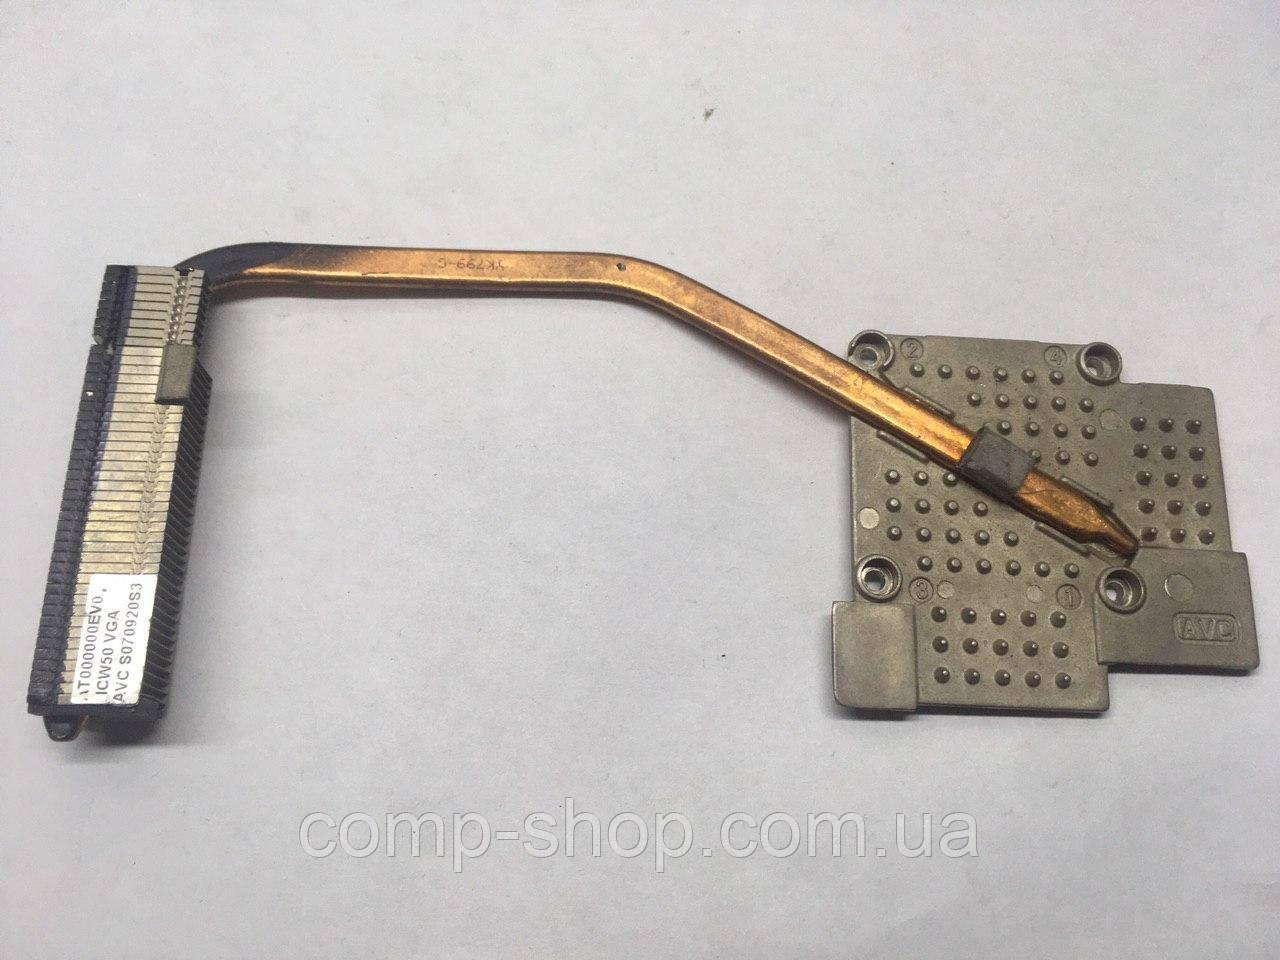 БУ Система охлаждения Acer Aspire 5520 AT000000EV0 ICW50 VGA (Оригинал)